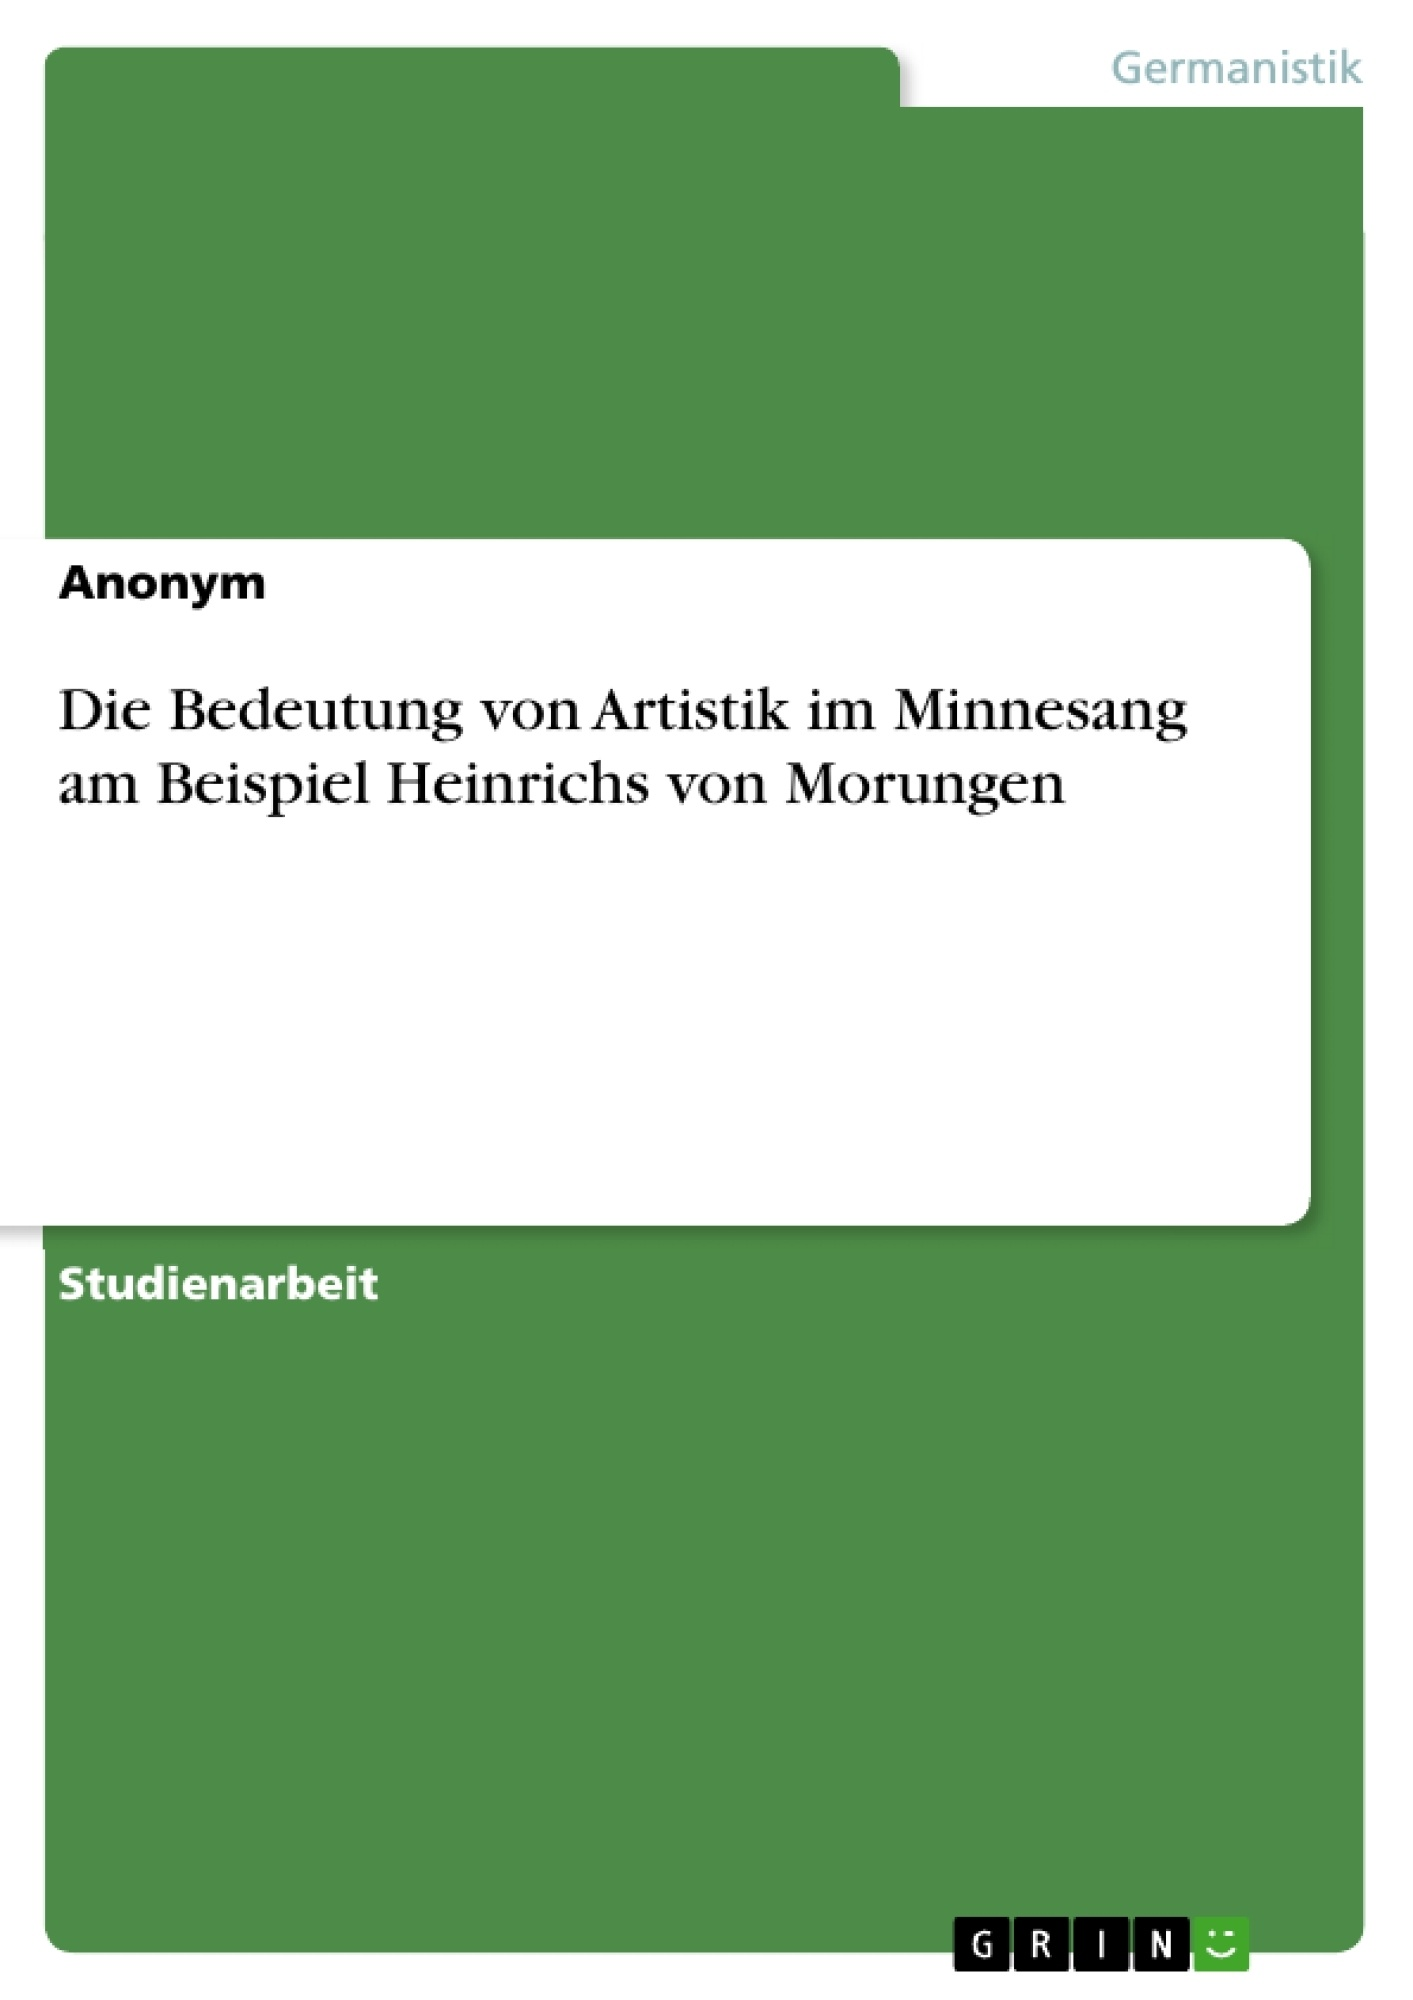 Titel: Die Bedeutung von Artistik im Minnesang am Beispiel Heinrichs von Morungen